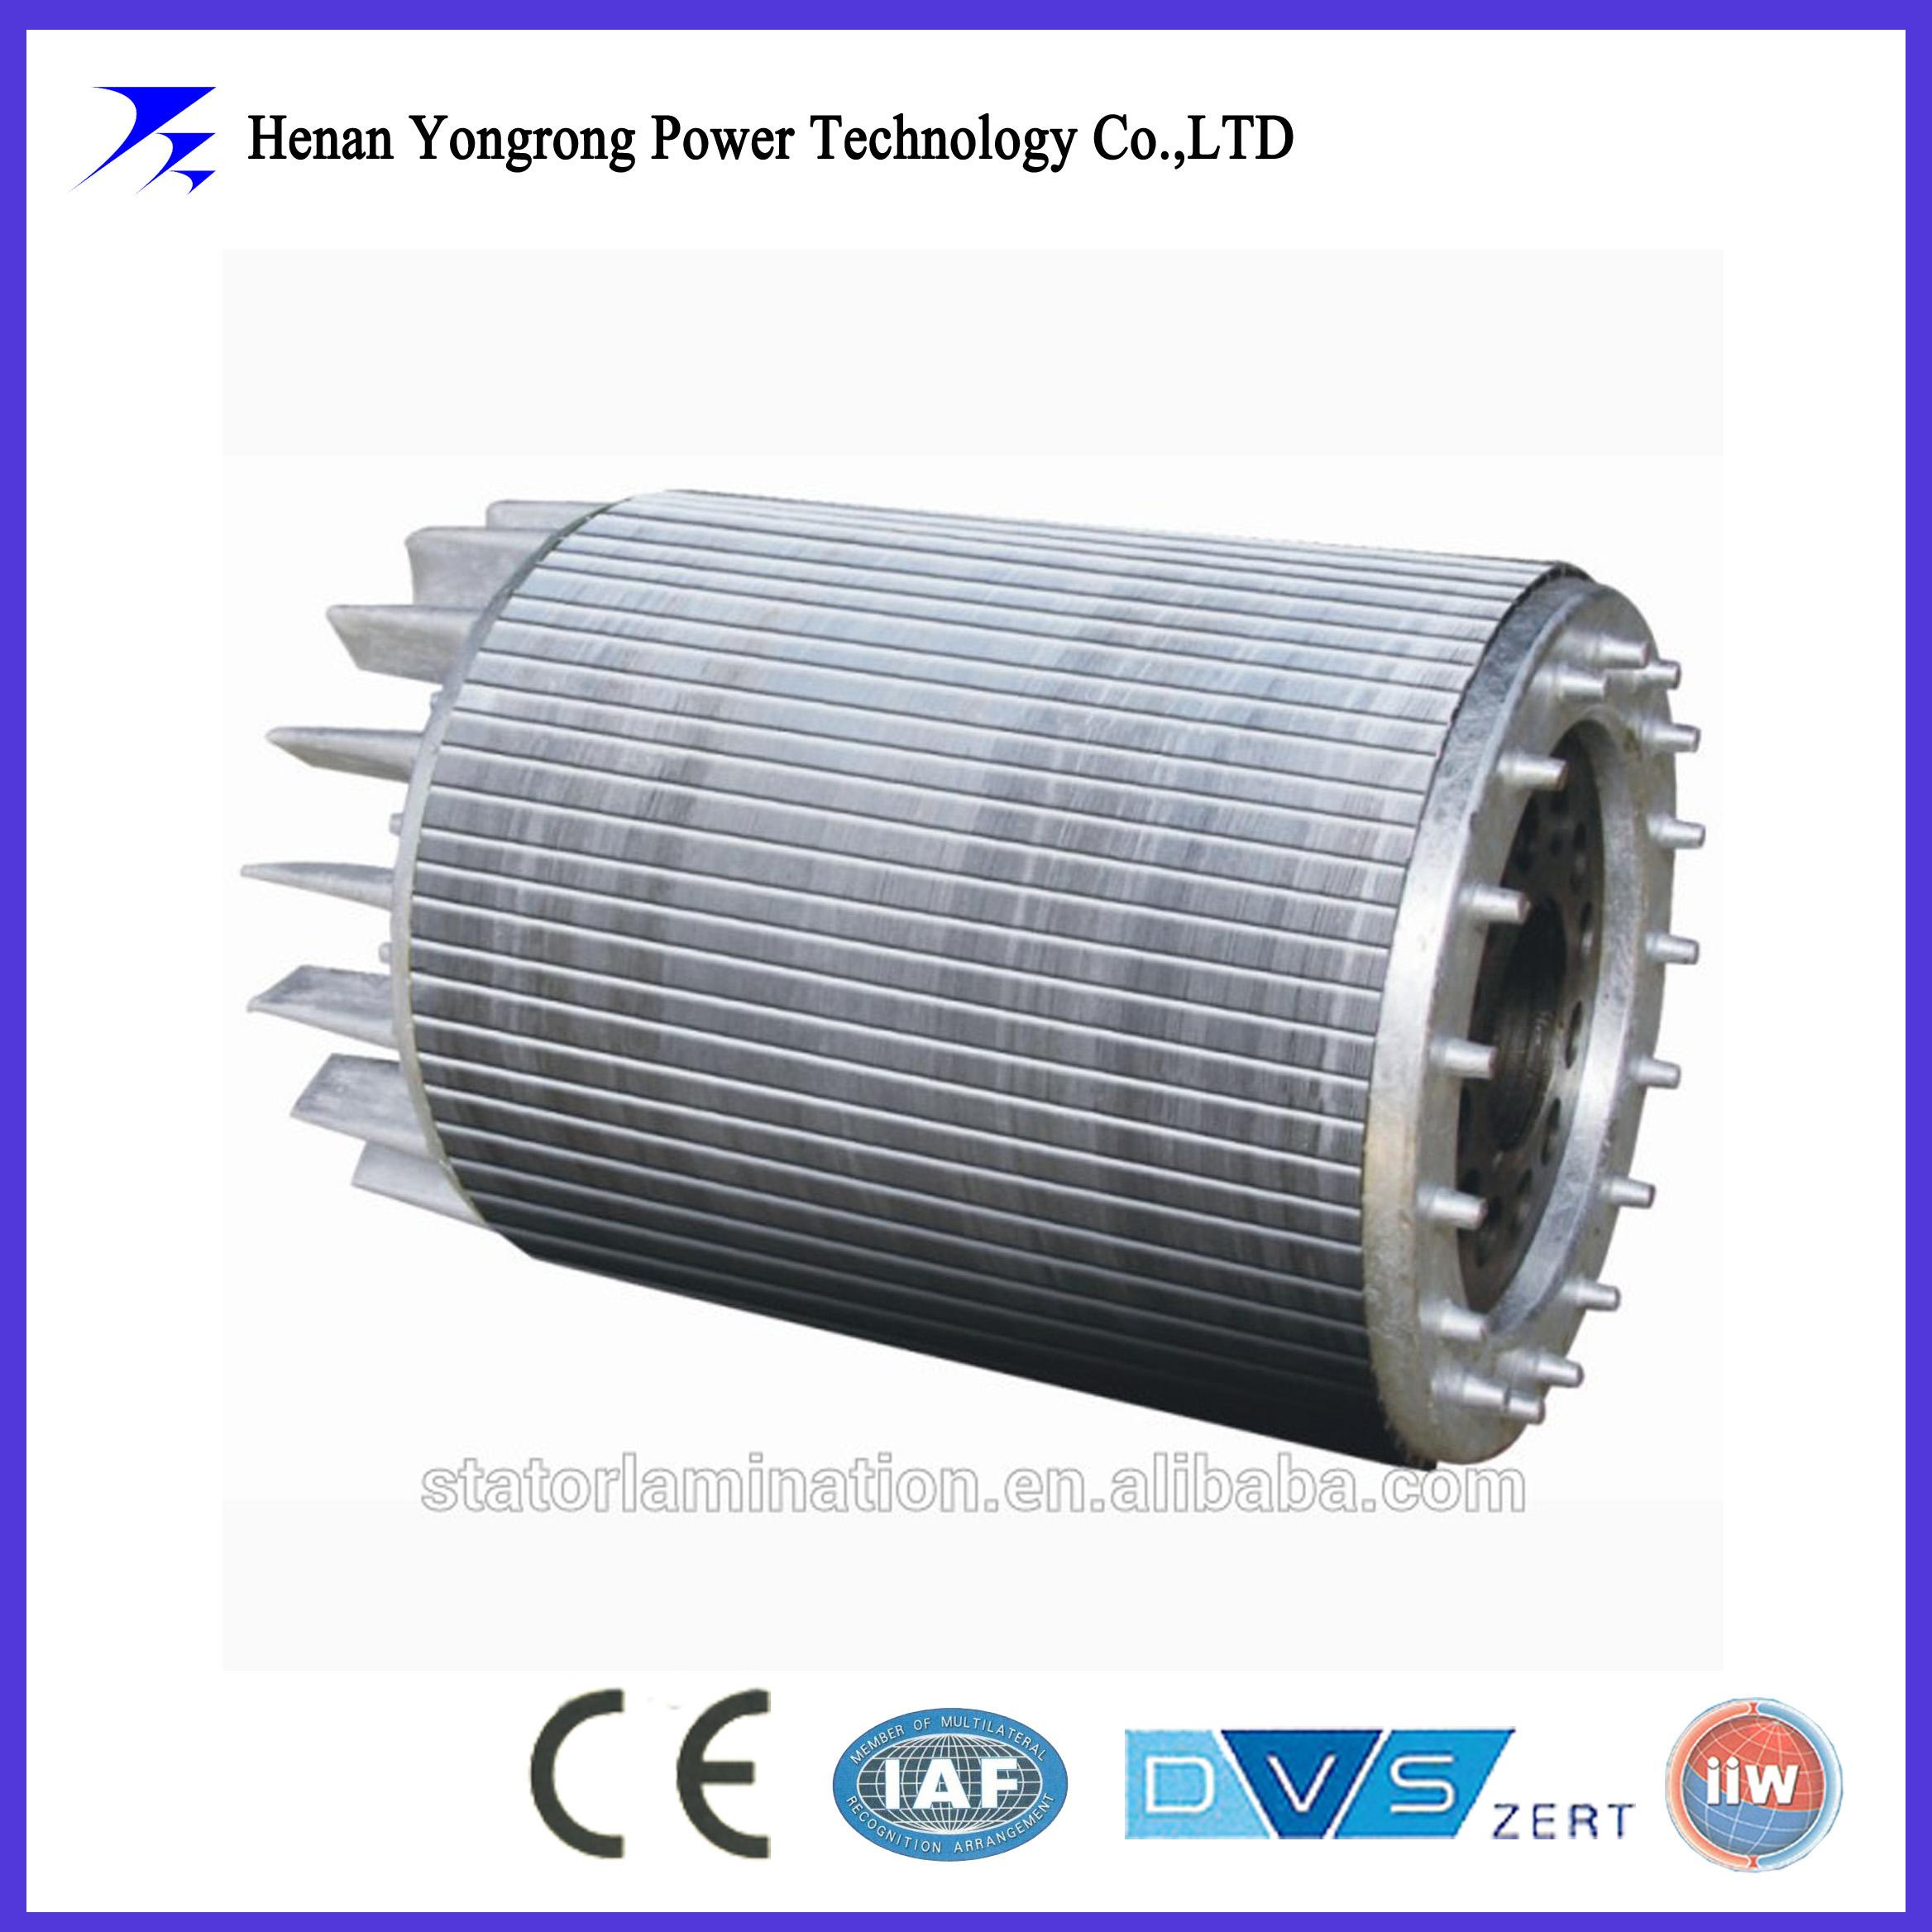 IE3/IE4 High Efficiency motor stator rotor cores